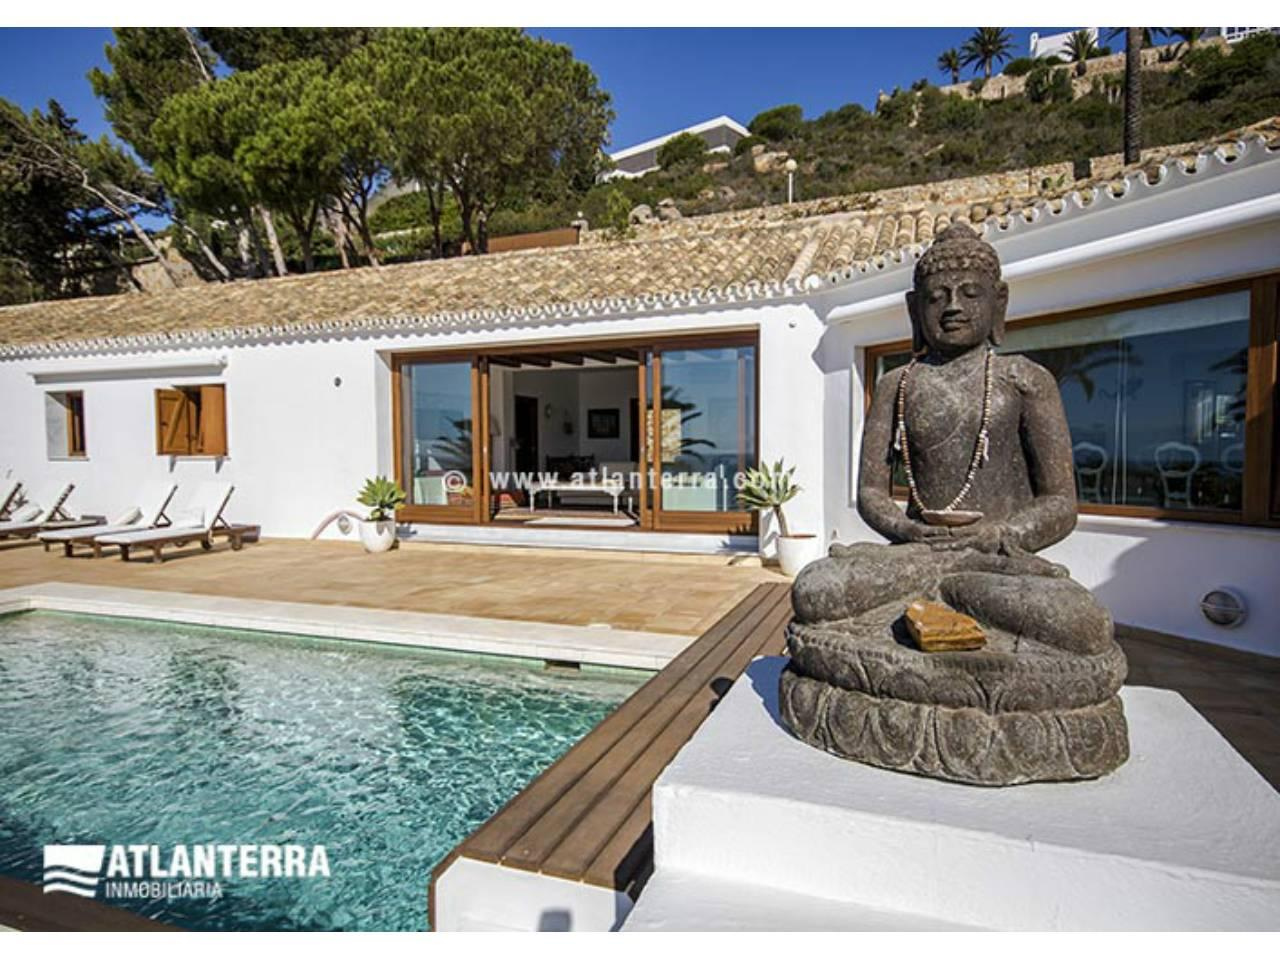 25885350 3170057 foto 414787 - Estilo rústico, privacidad y vistas maravillosas en esta villa en Zahara de los Atunes (Cádiz)